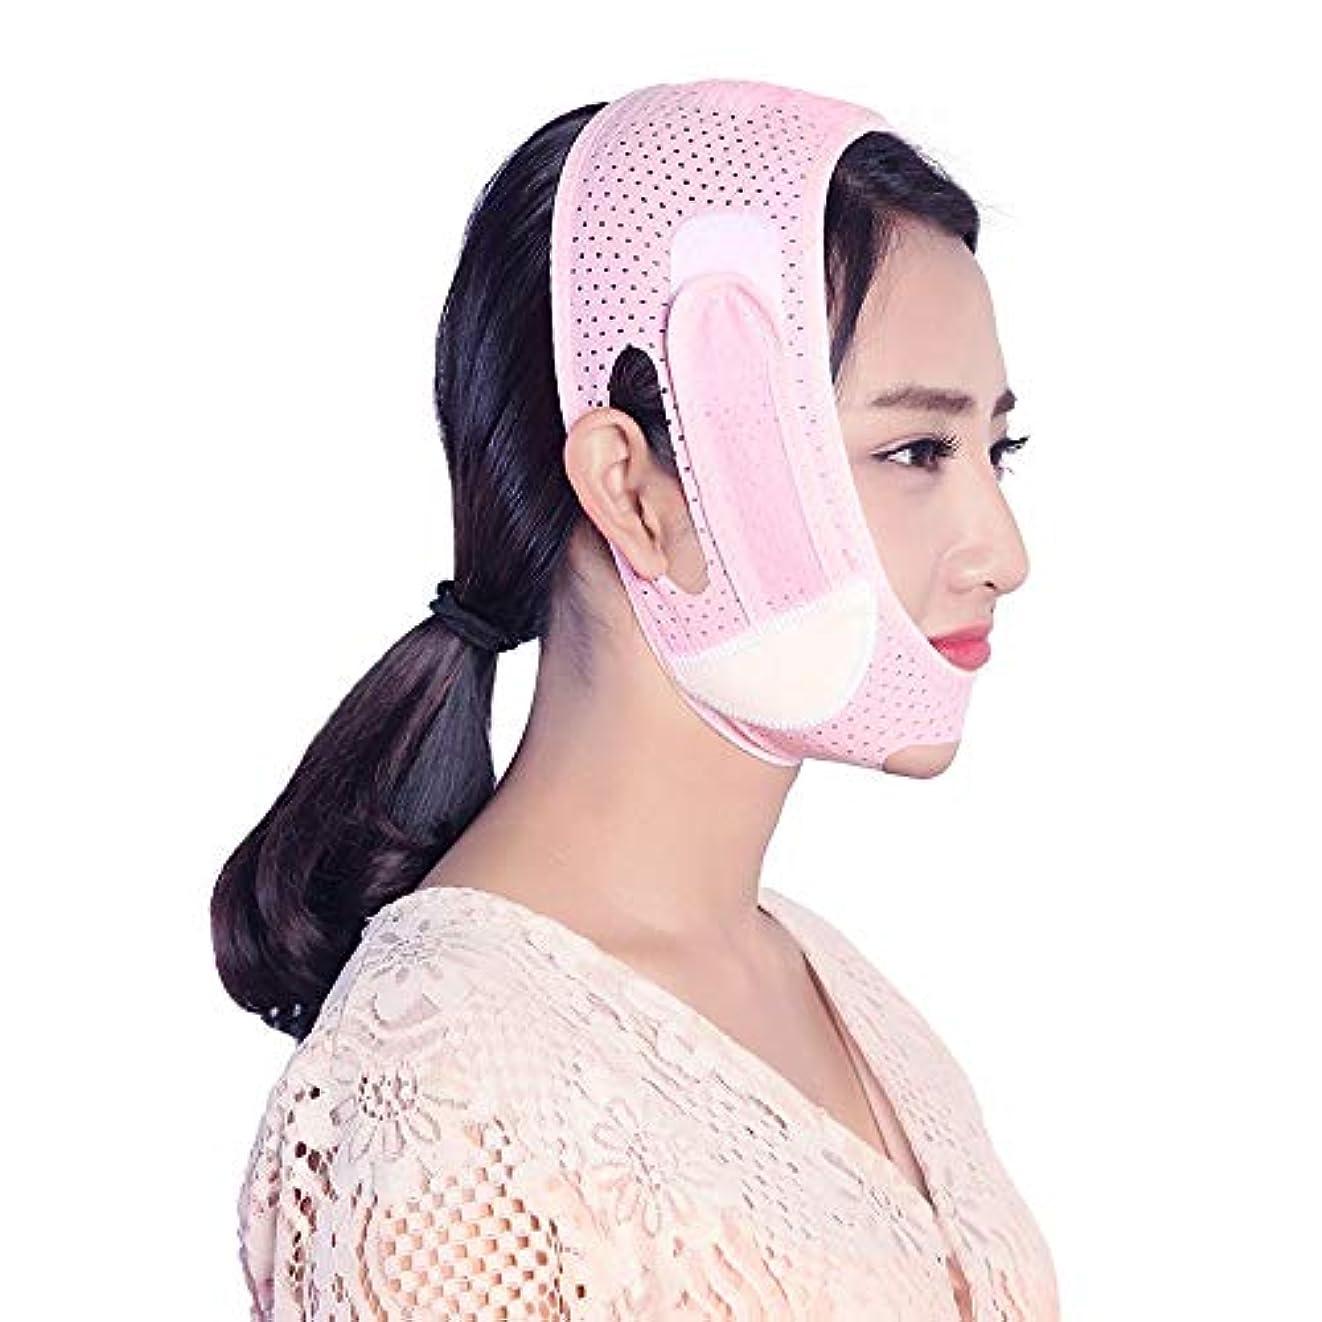 期待反発する生じるJia Jia- 睡眠薄い顔パッチ包帯吊り上げプルv顔引き締めどころアーティファクト判決パターン二重あご薄いマッセルマスク - ピンク 顔面包帯